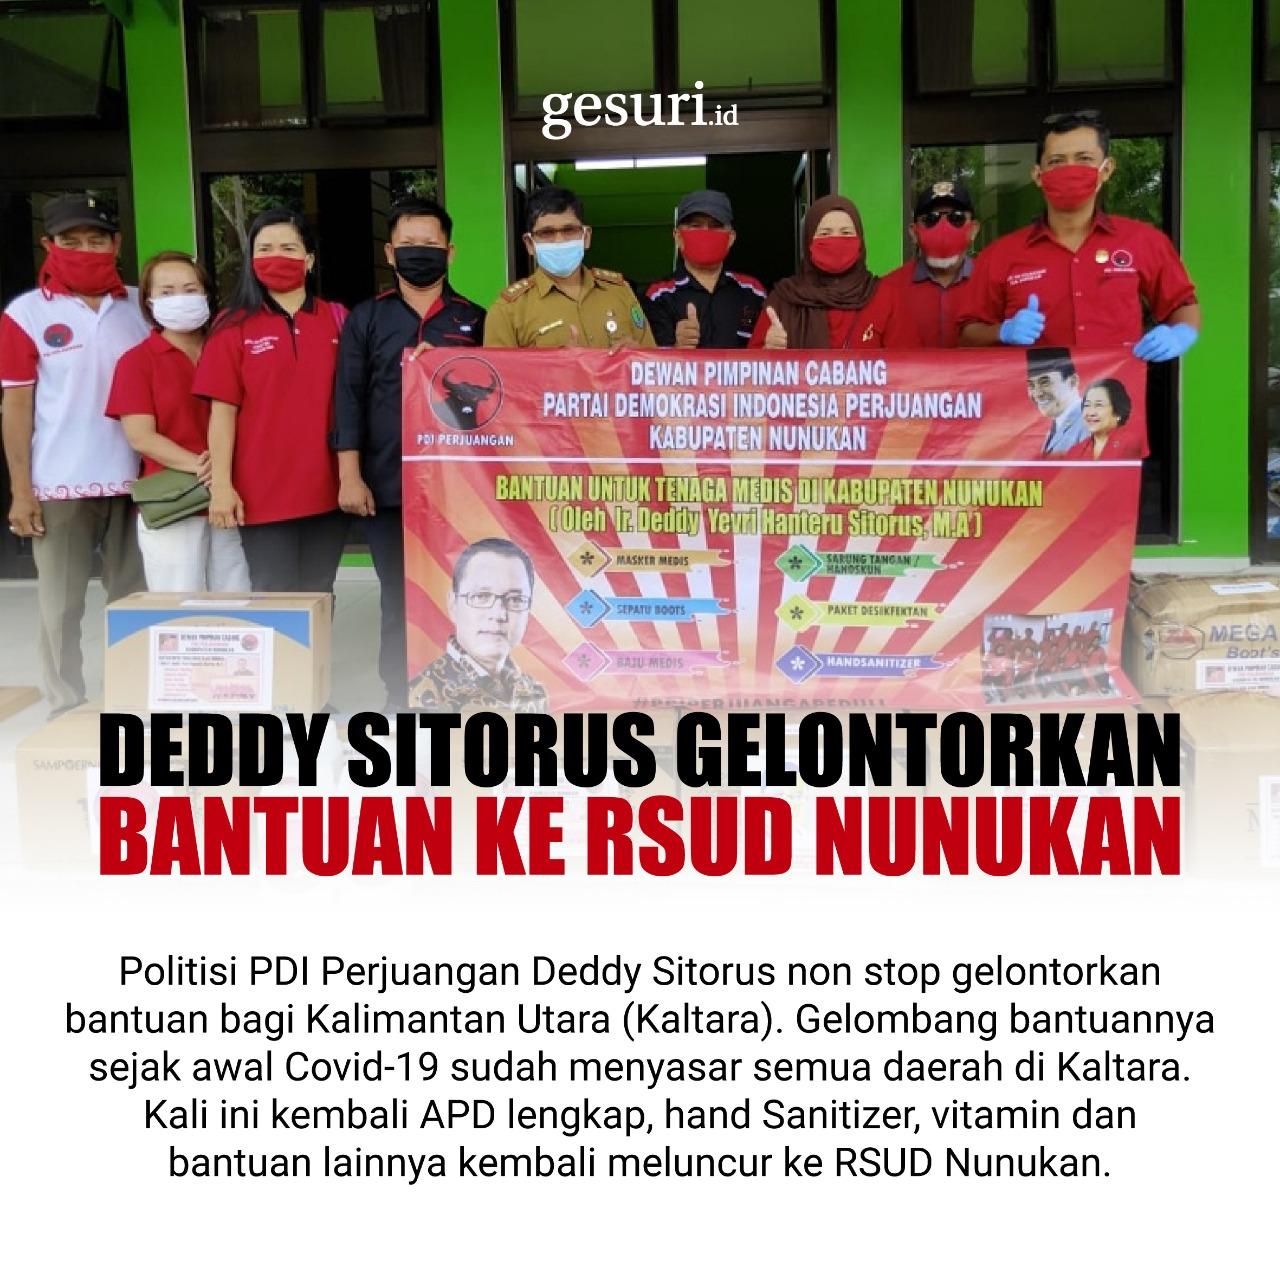 Deddy Sitorus Gelontorkan Bantuan untuk RSUD Nunukan